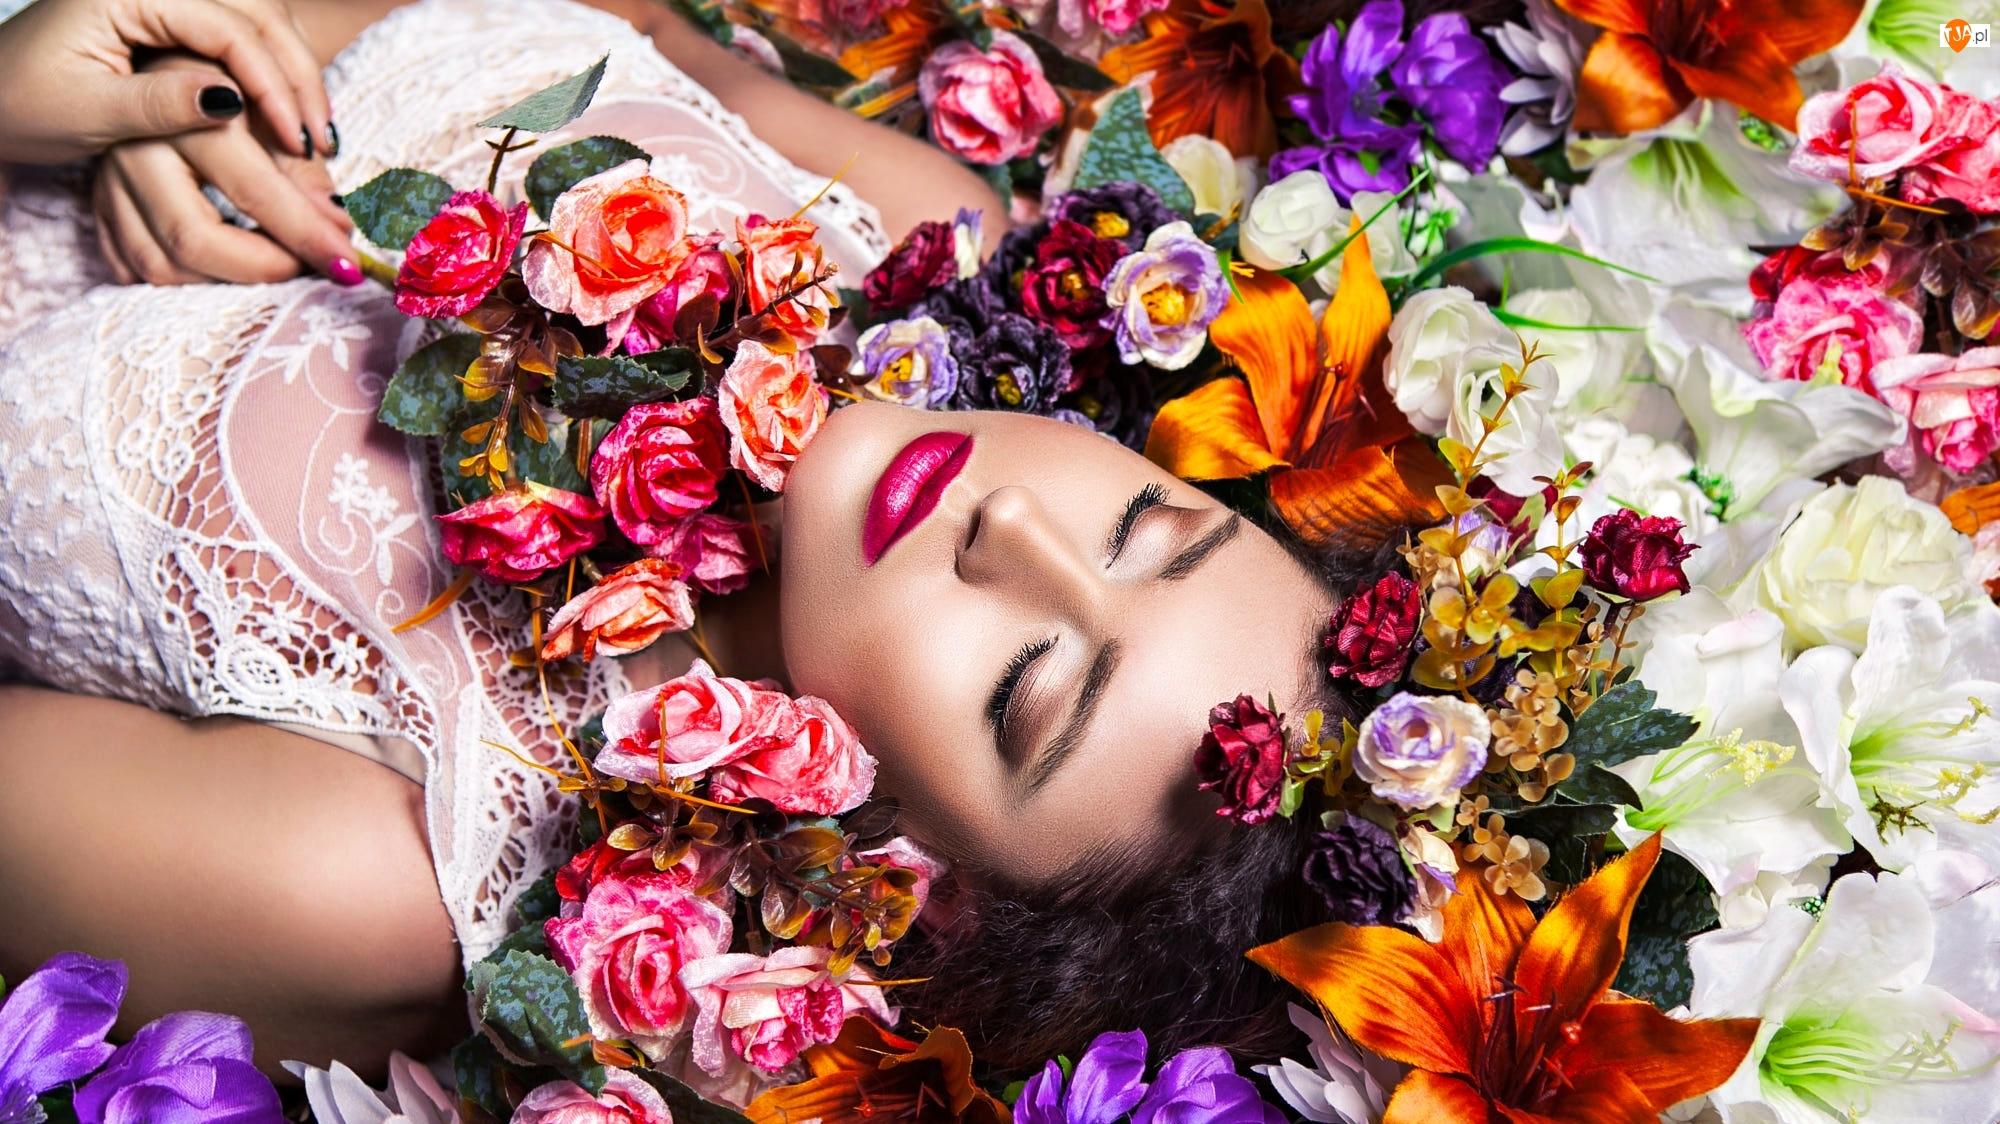 Kobieta, Szatynka, Kwiaty, Śpiąca, Bluzka, Biała, Koronkowa